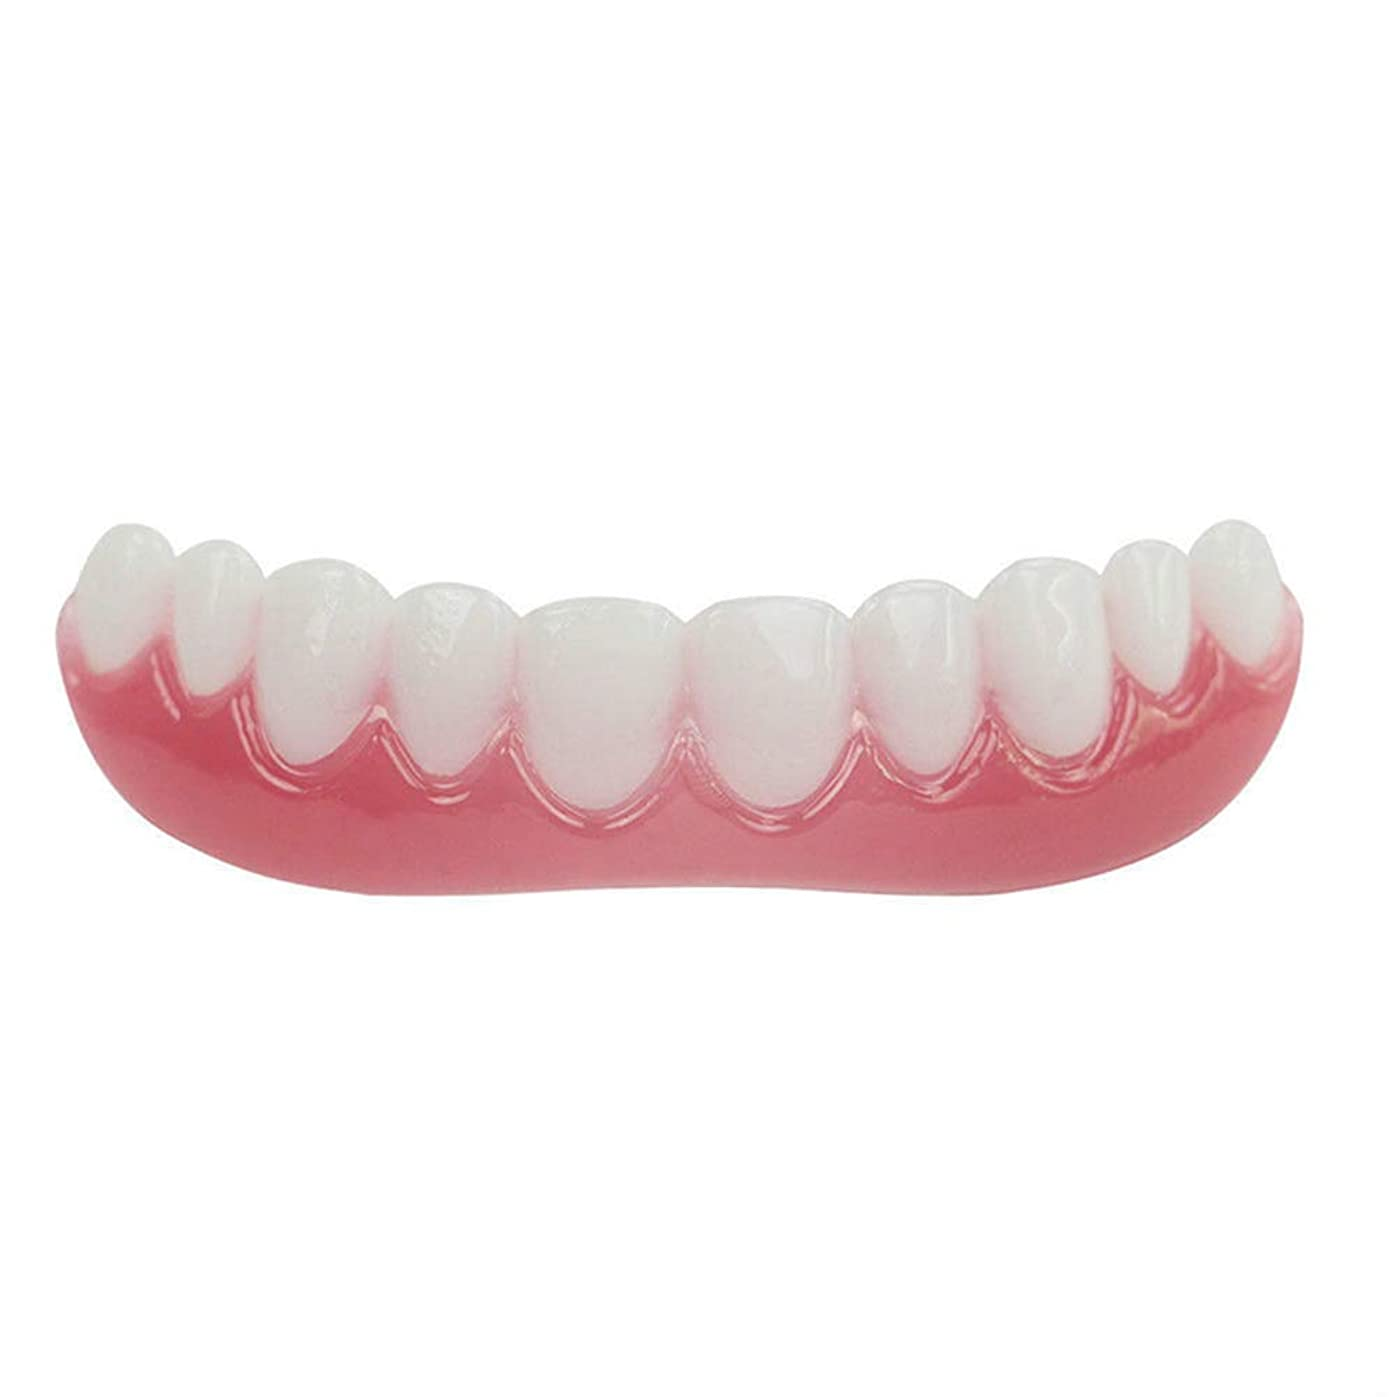 愚かな練るタクトシリコンシミュレーション義歯、歯科用ベニヤホワイトトゥースセット(1個),Boxed,Lower